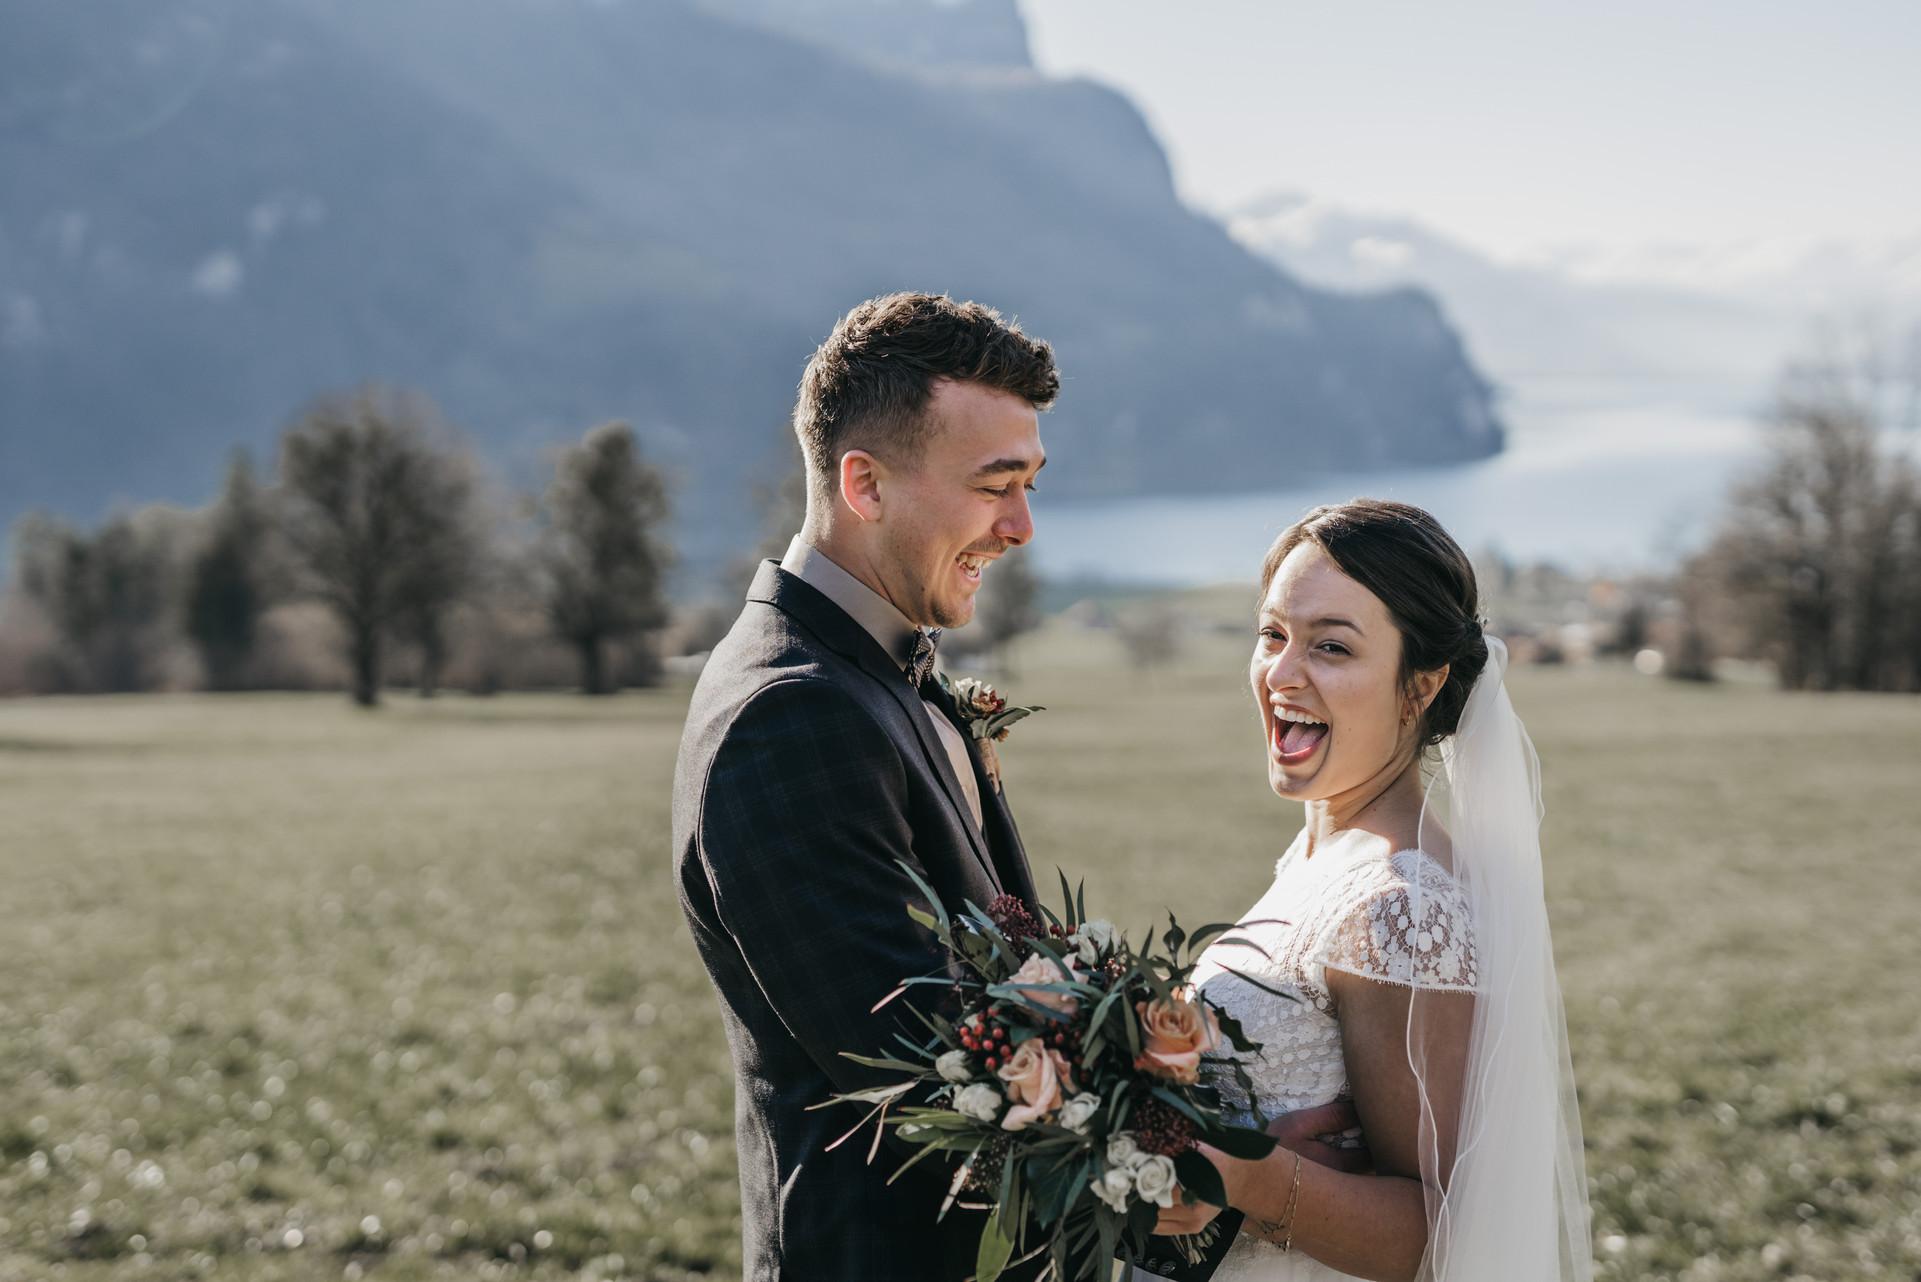 Hochzeitsfotografen-25.jpg